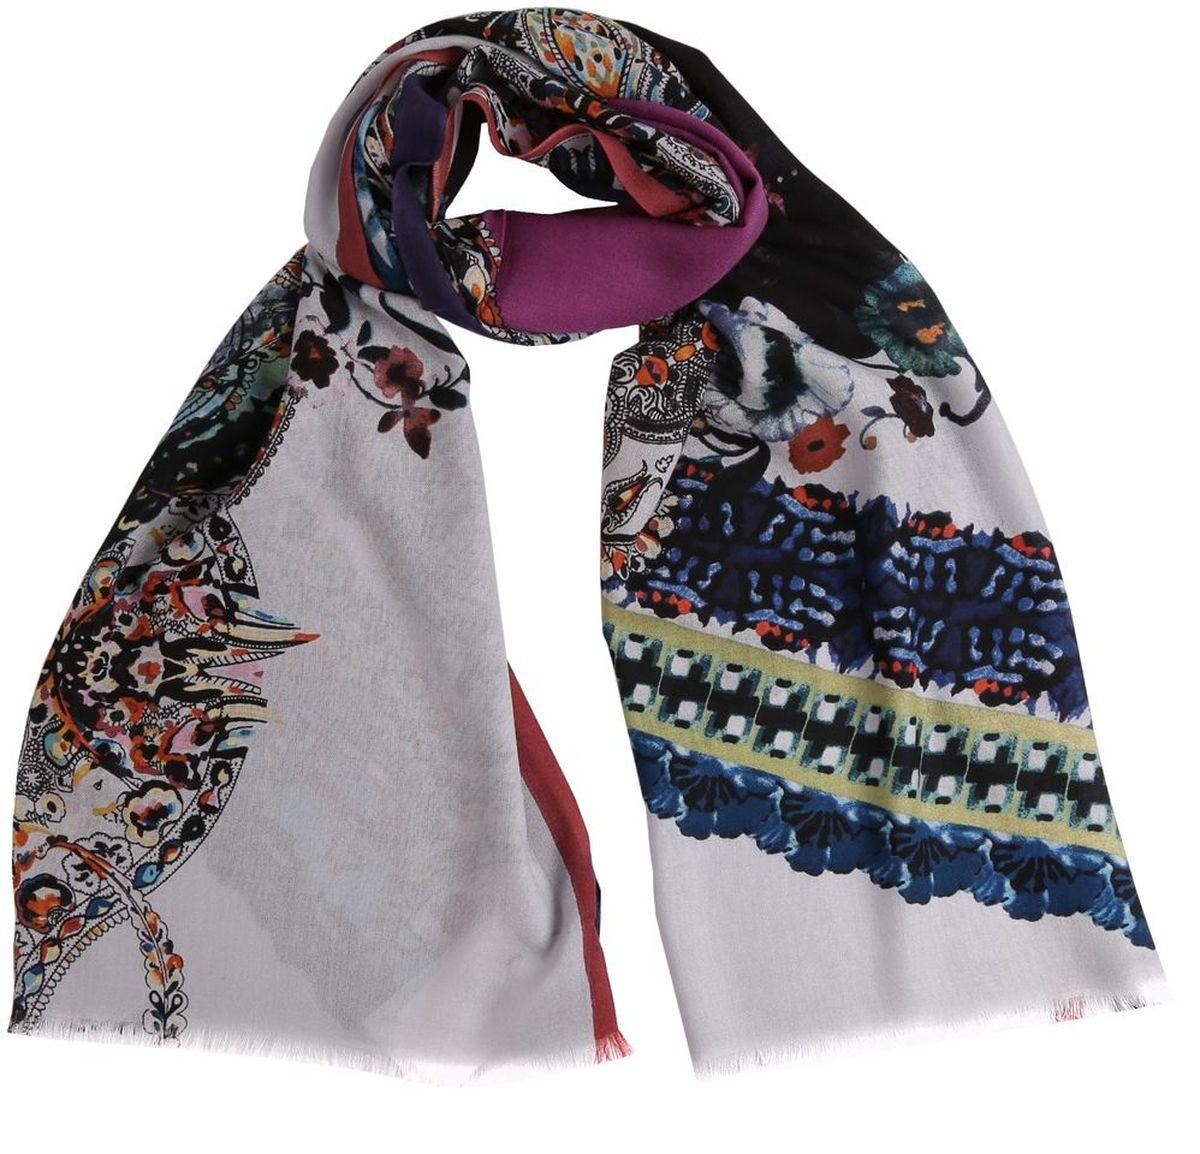 20123-1Женский палантин Leo Ventoni теплый и мягкий, оформлен оригинальным принтом. С таким аксессуаром в любую погоду вам будет уютно и тепло.